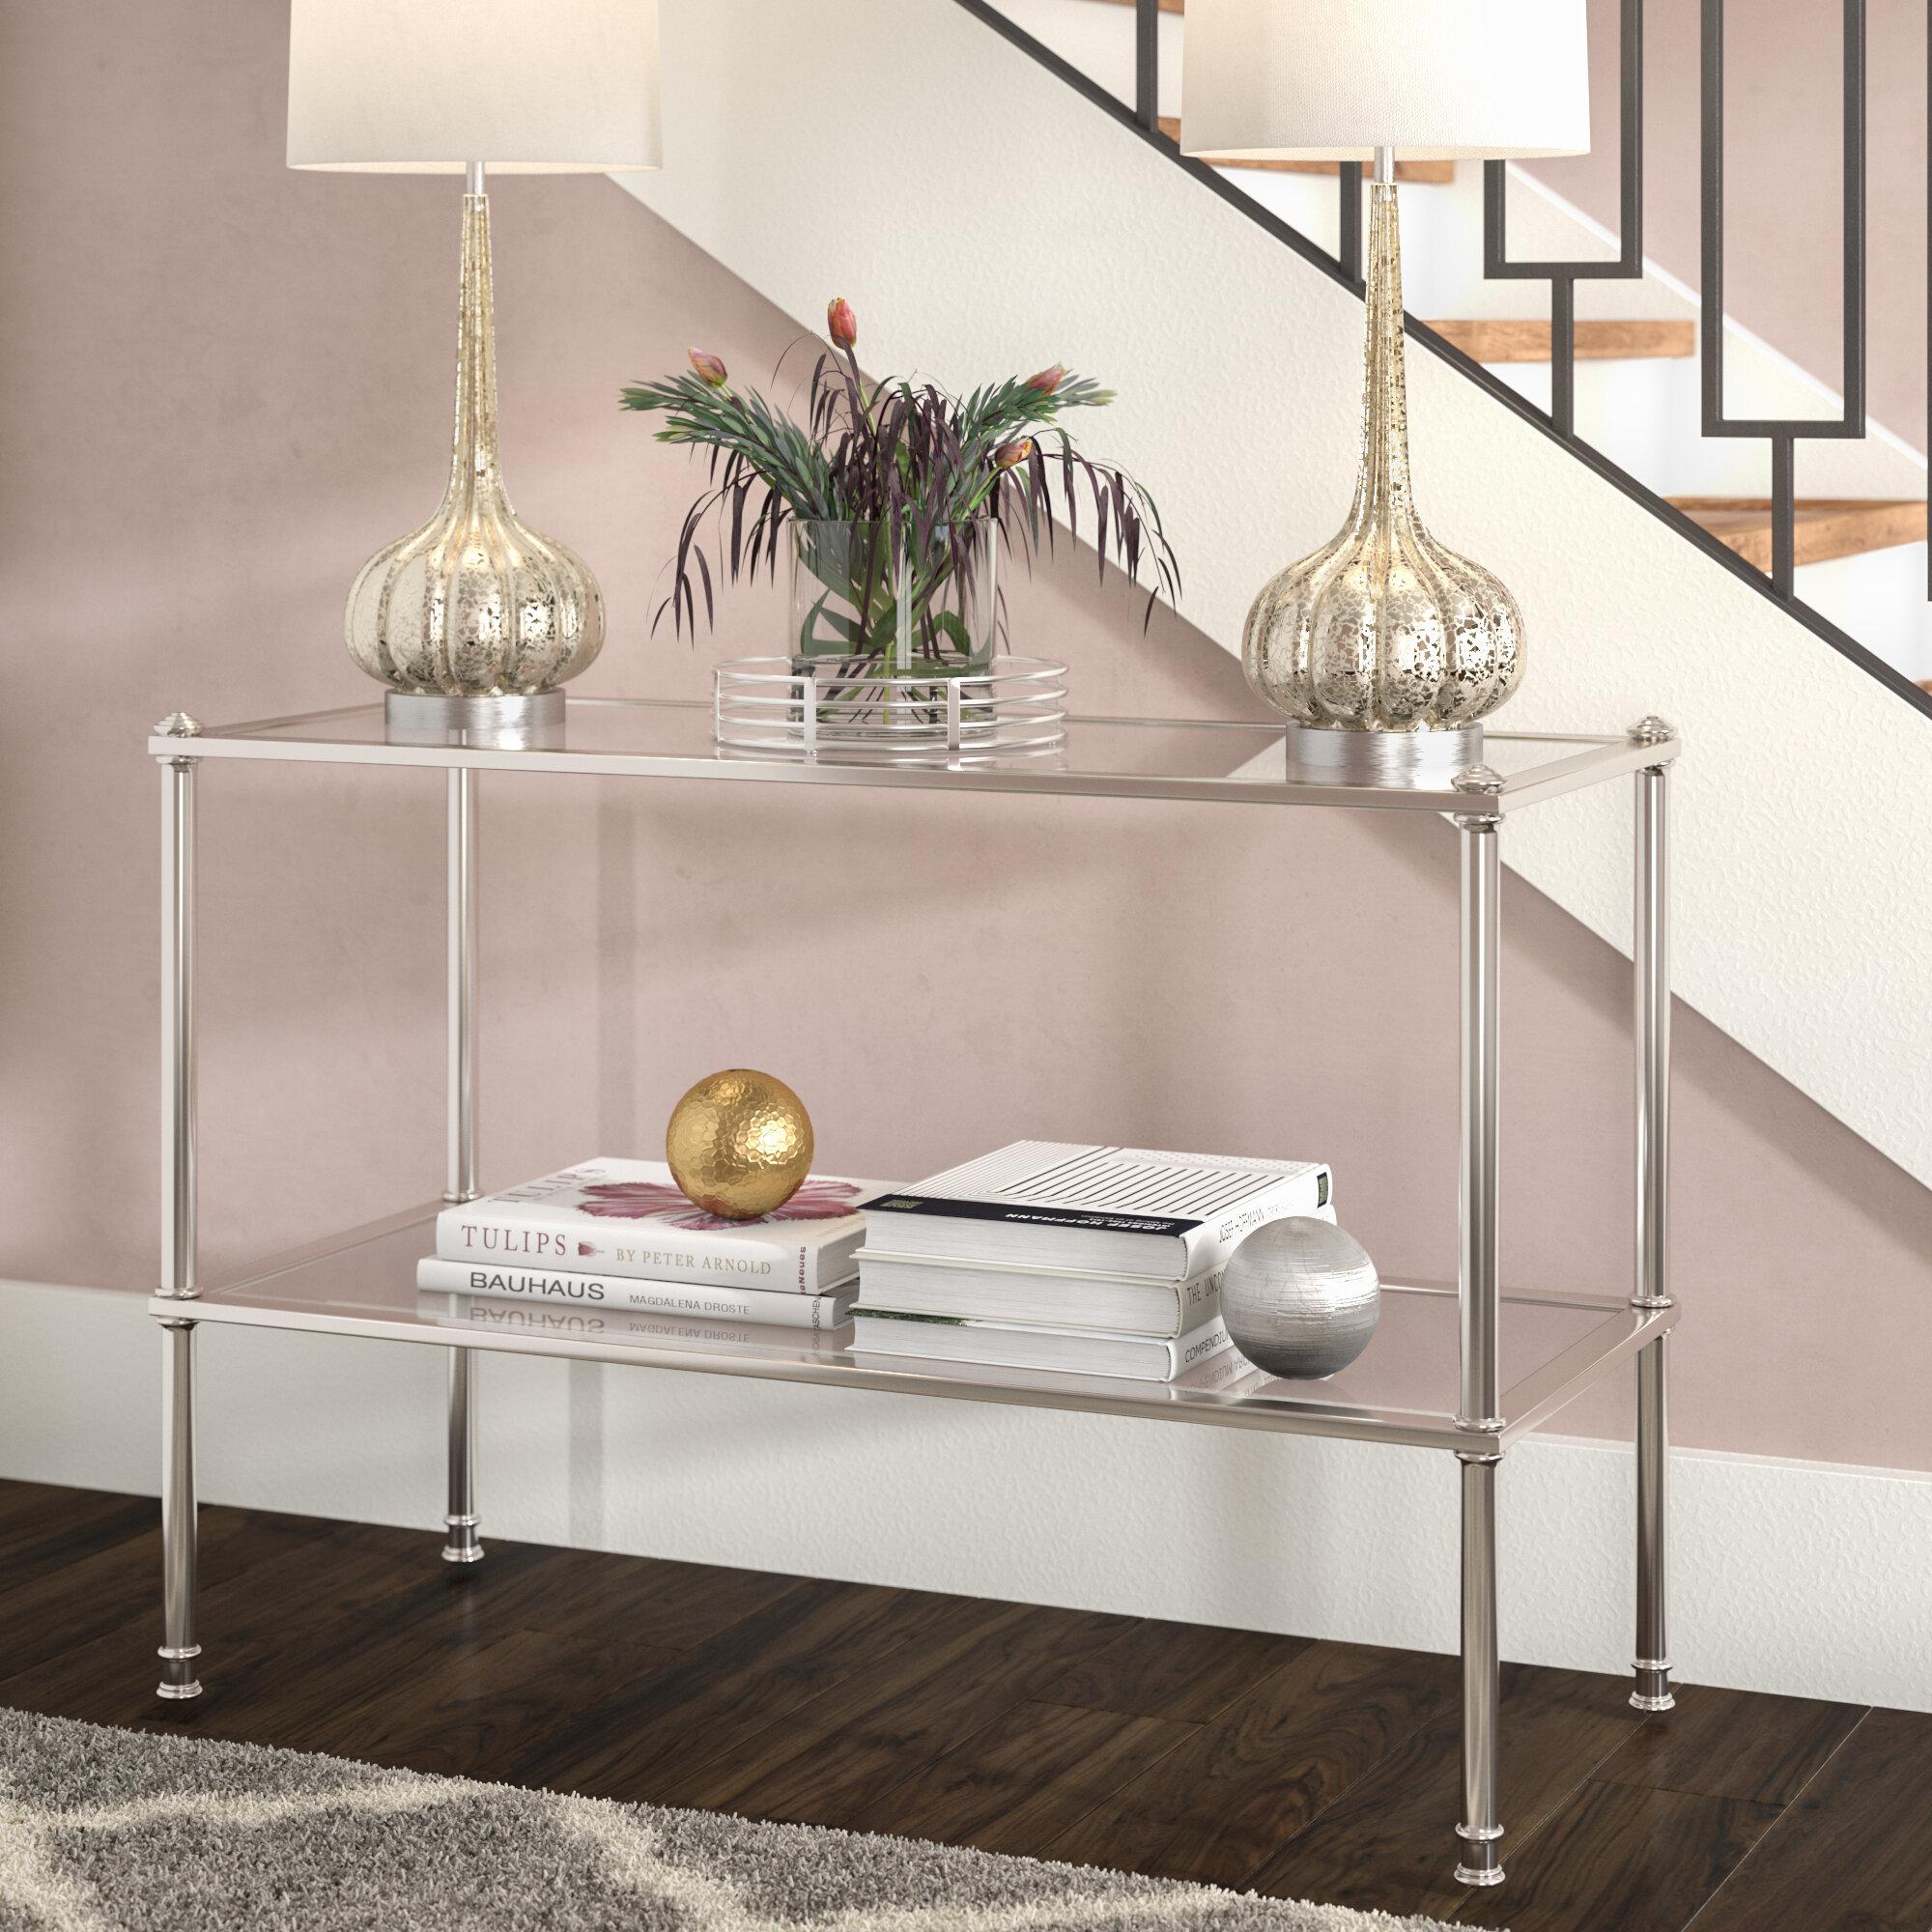 sofa console table. Sofa Console Table O